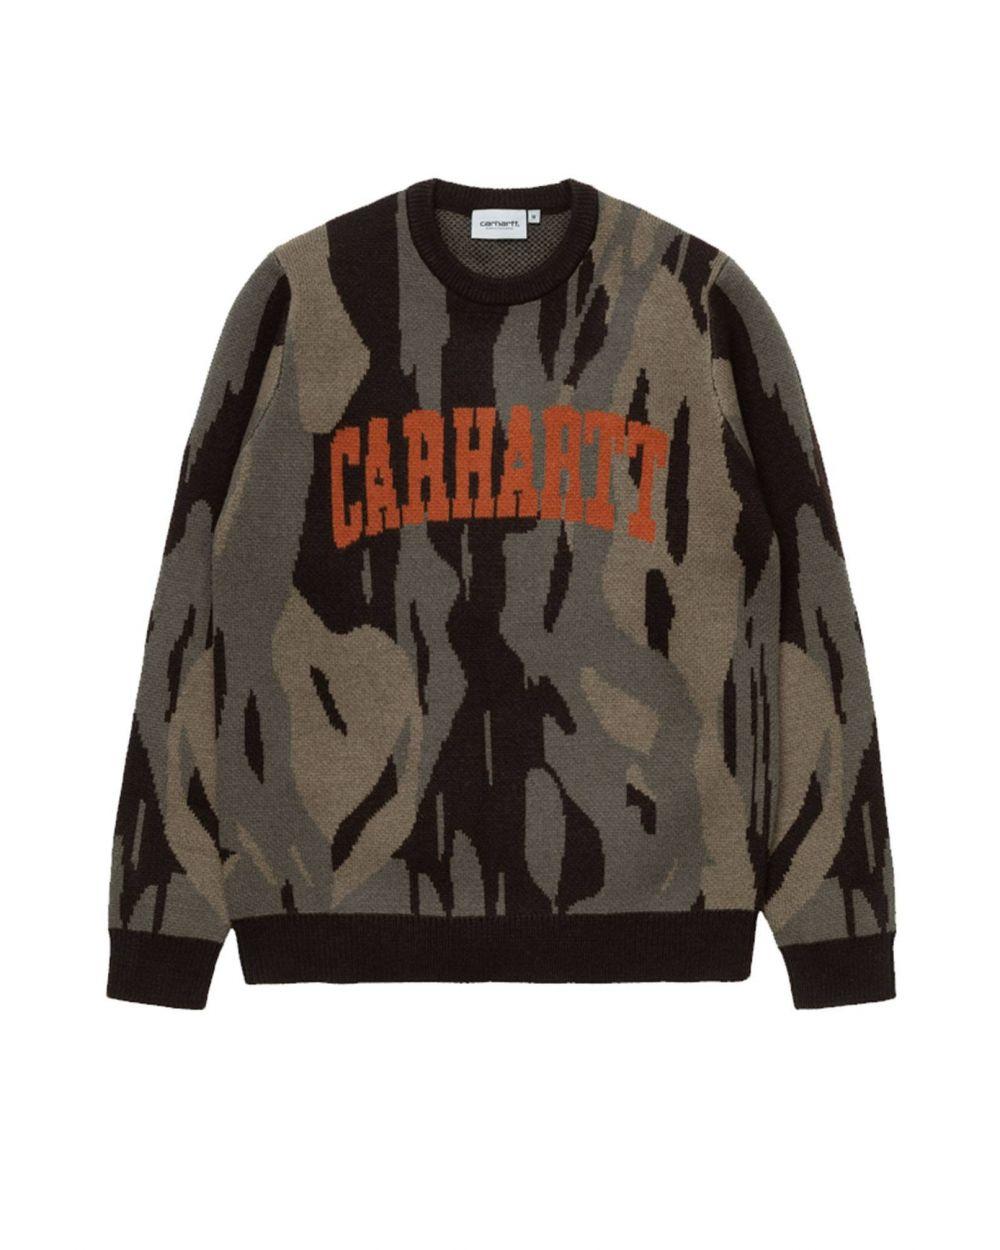 Carhartt Wip University script knit sweater - camo unite / coppertone CARHARTT WIP Knitwear 102,46€